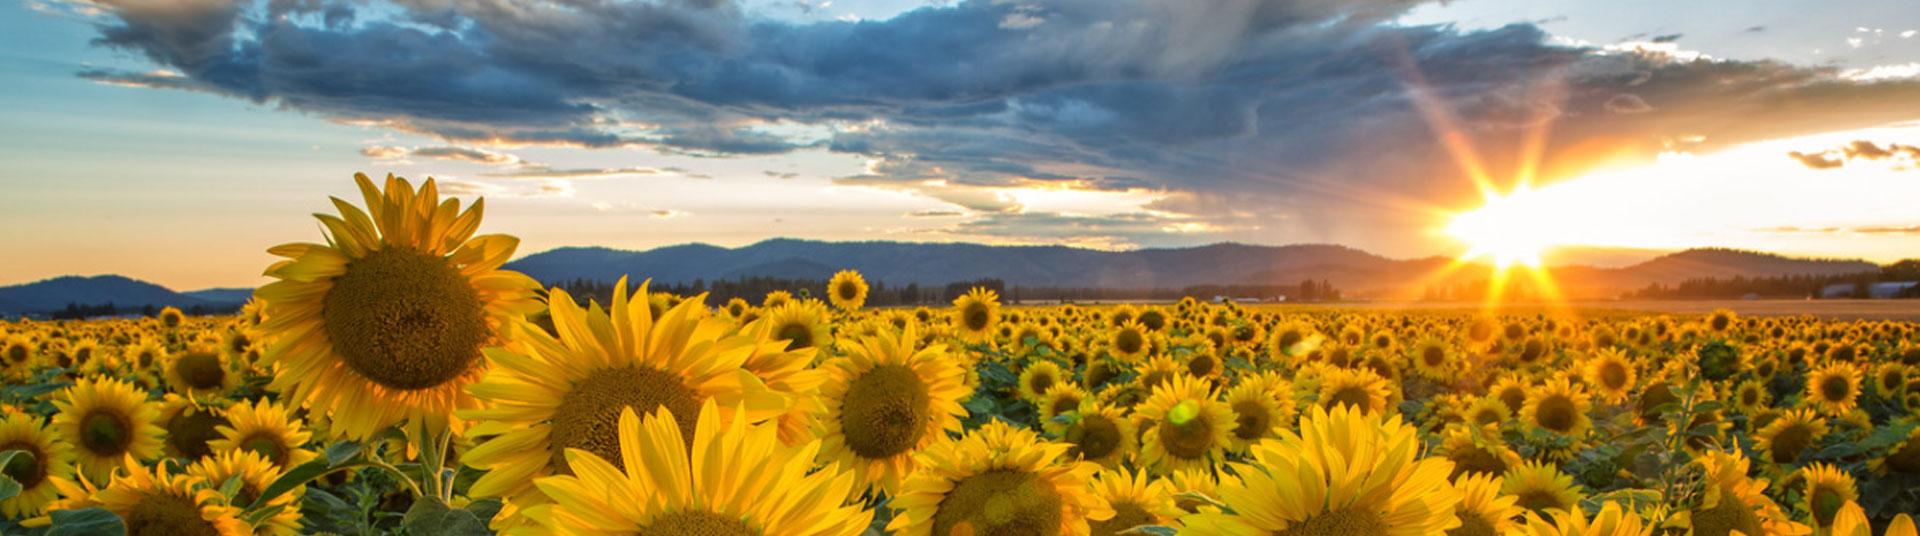 hero image- Sunflowers at sunset